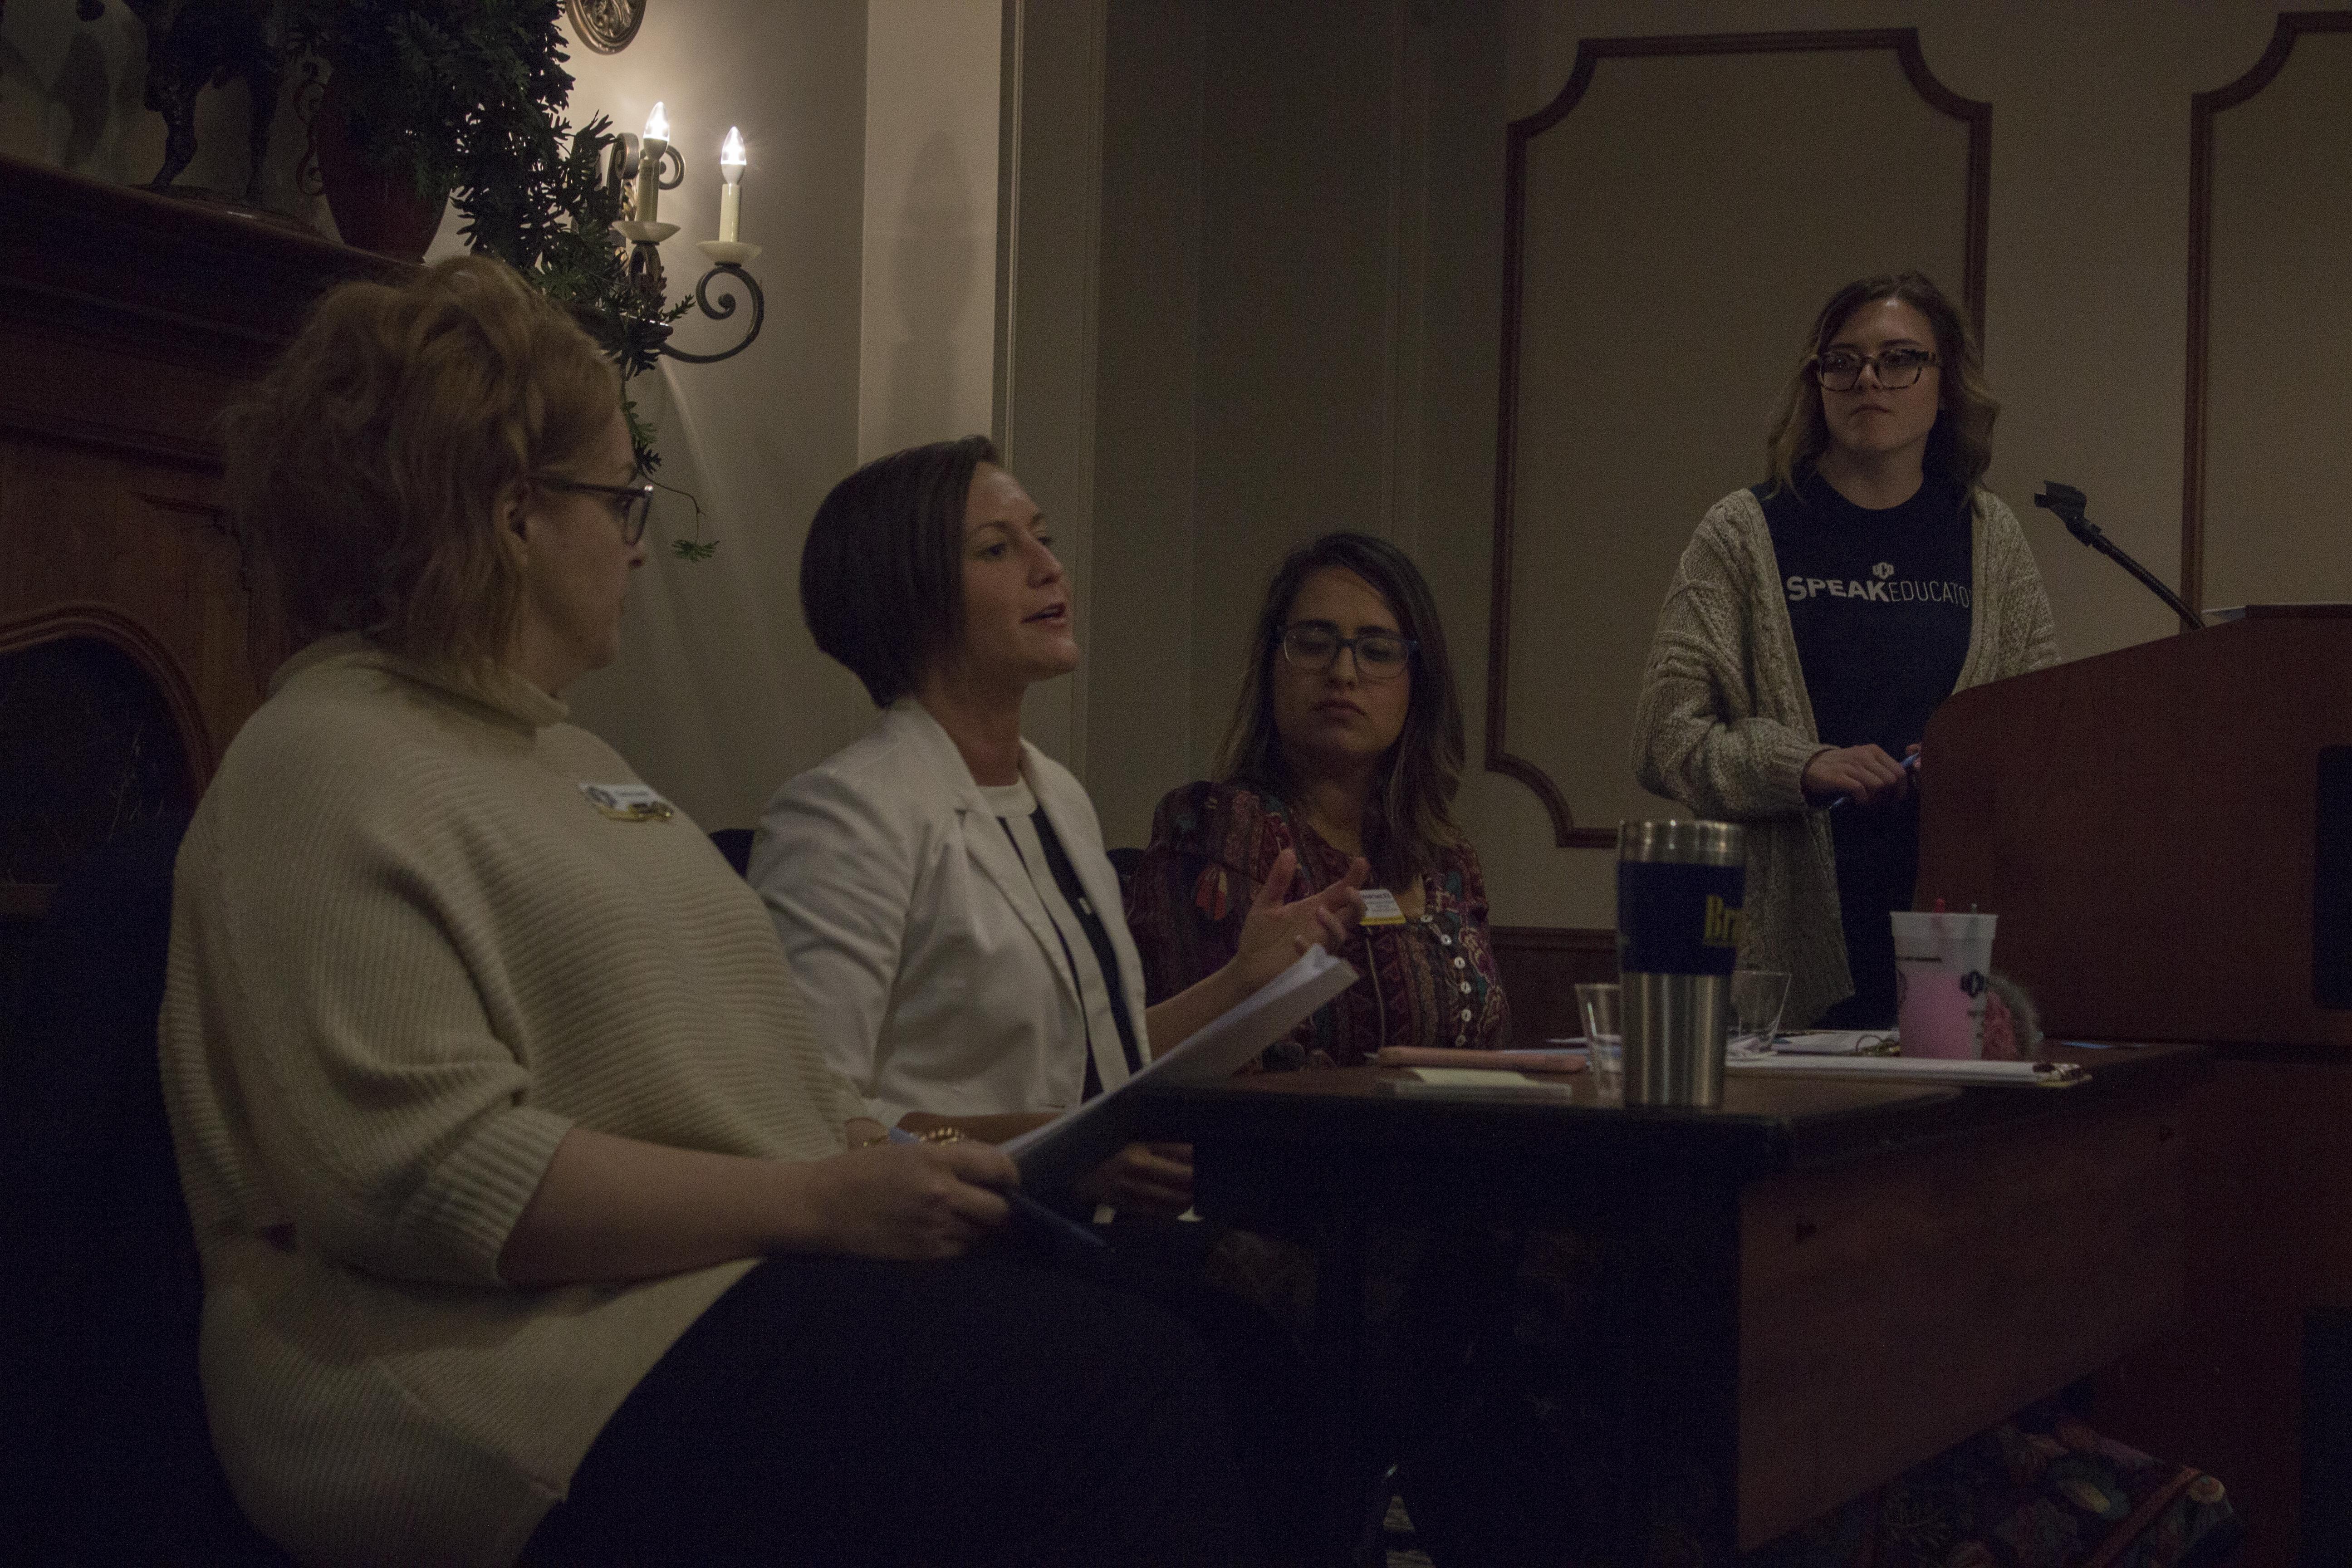 Project SPEAK Hosts Title IX Panel for Stalker Awareness Month